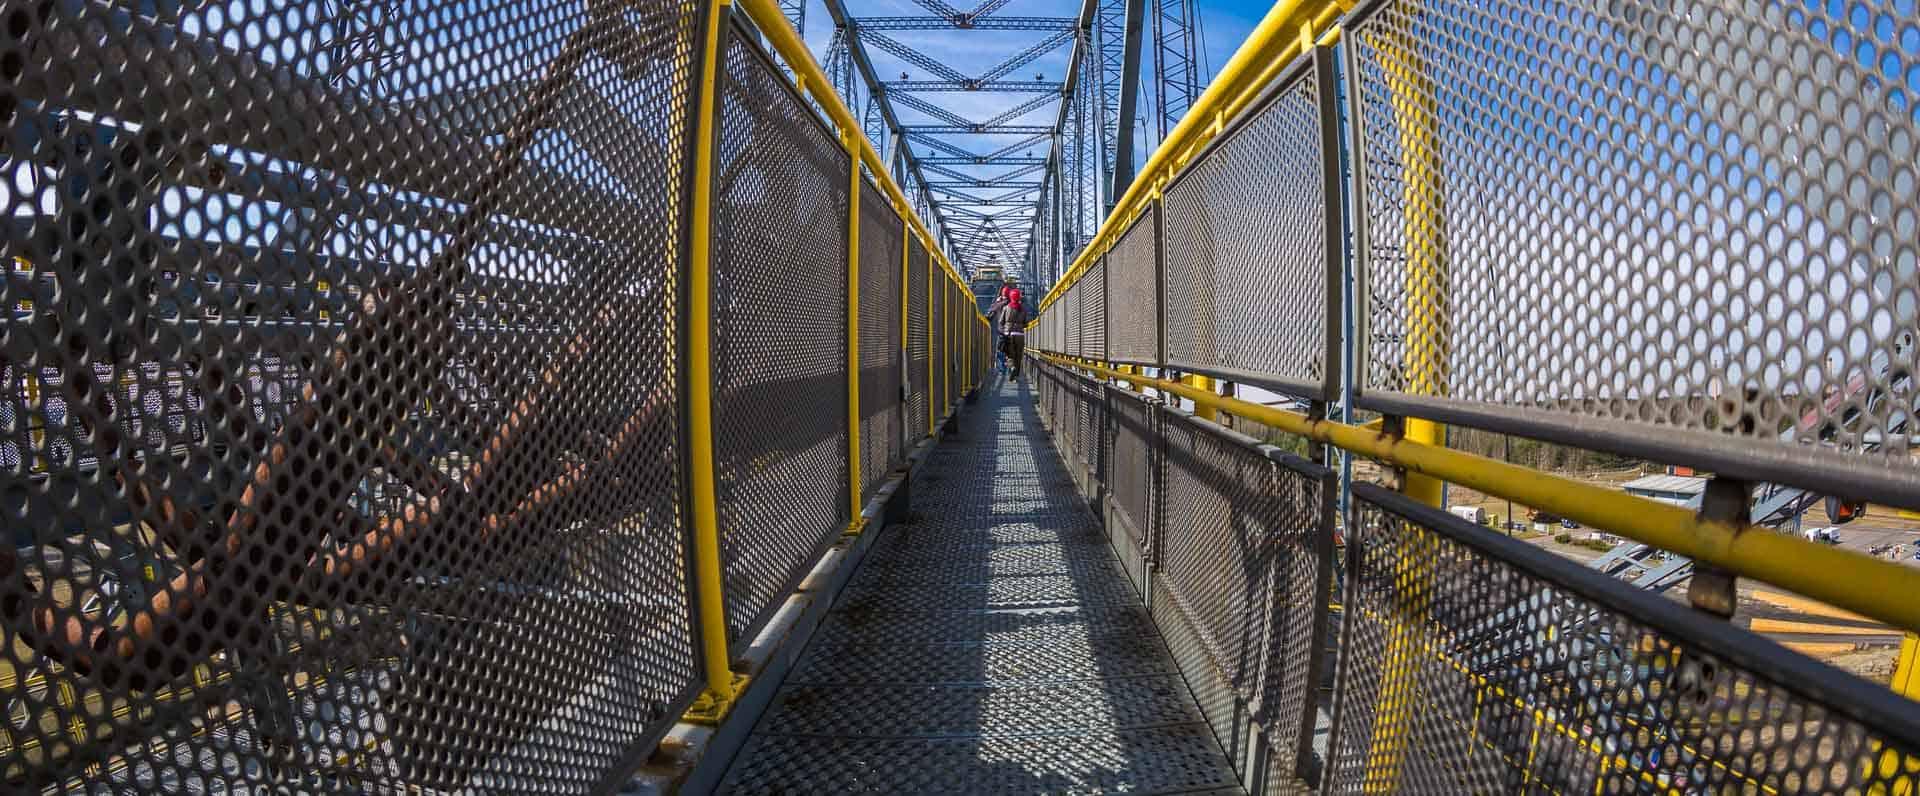 Auf der Abraumbrücke F60 in der Lausitz